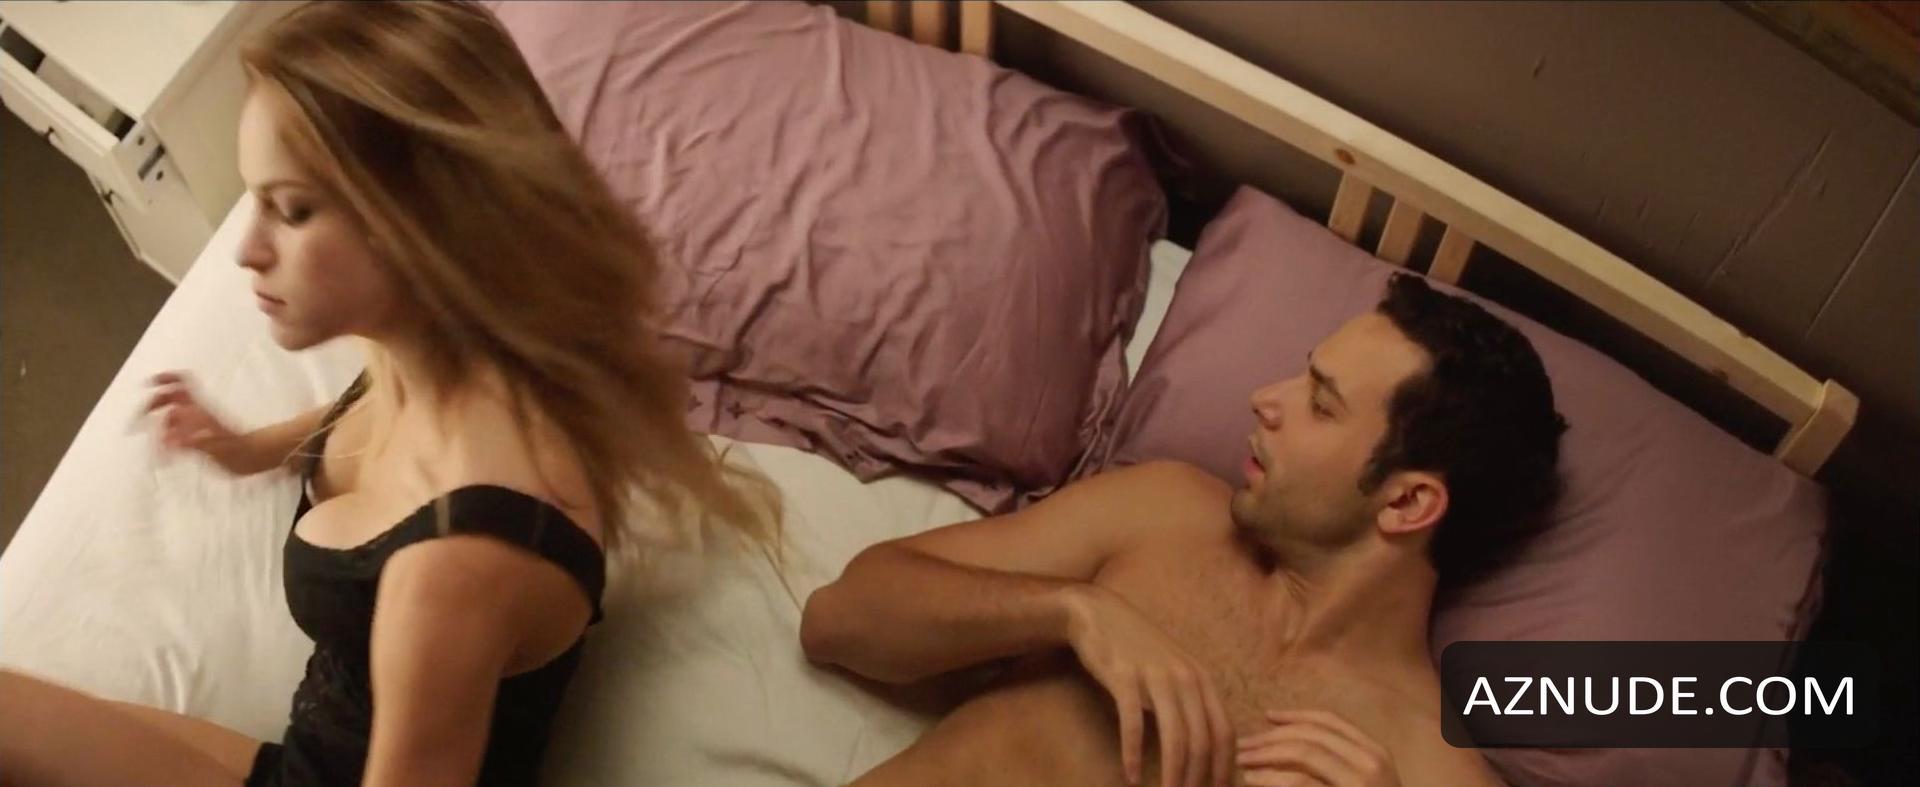 alexis knapp nude and porno